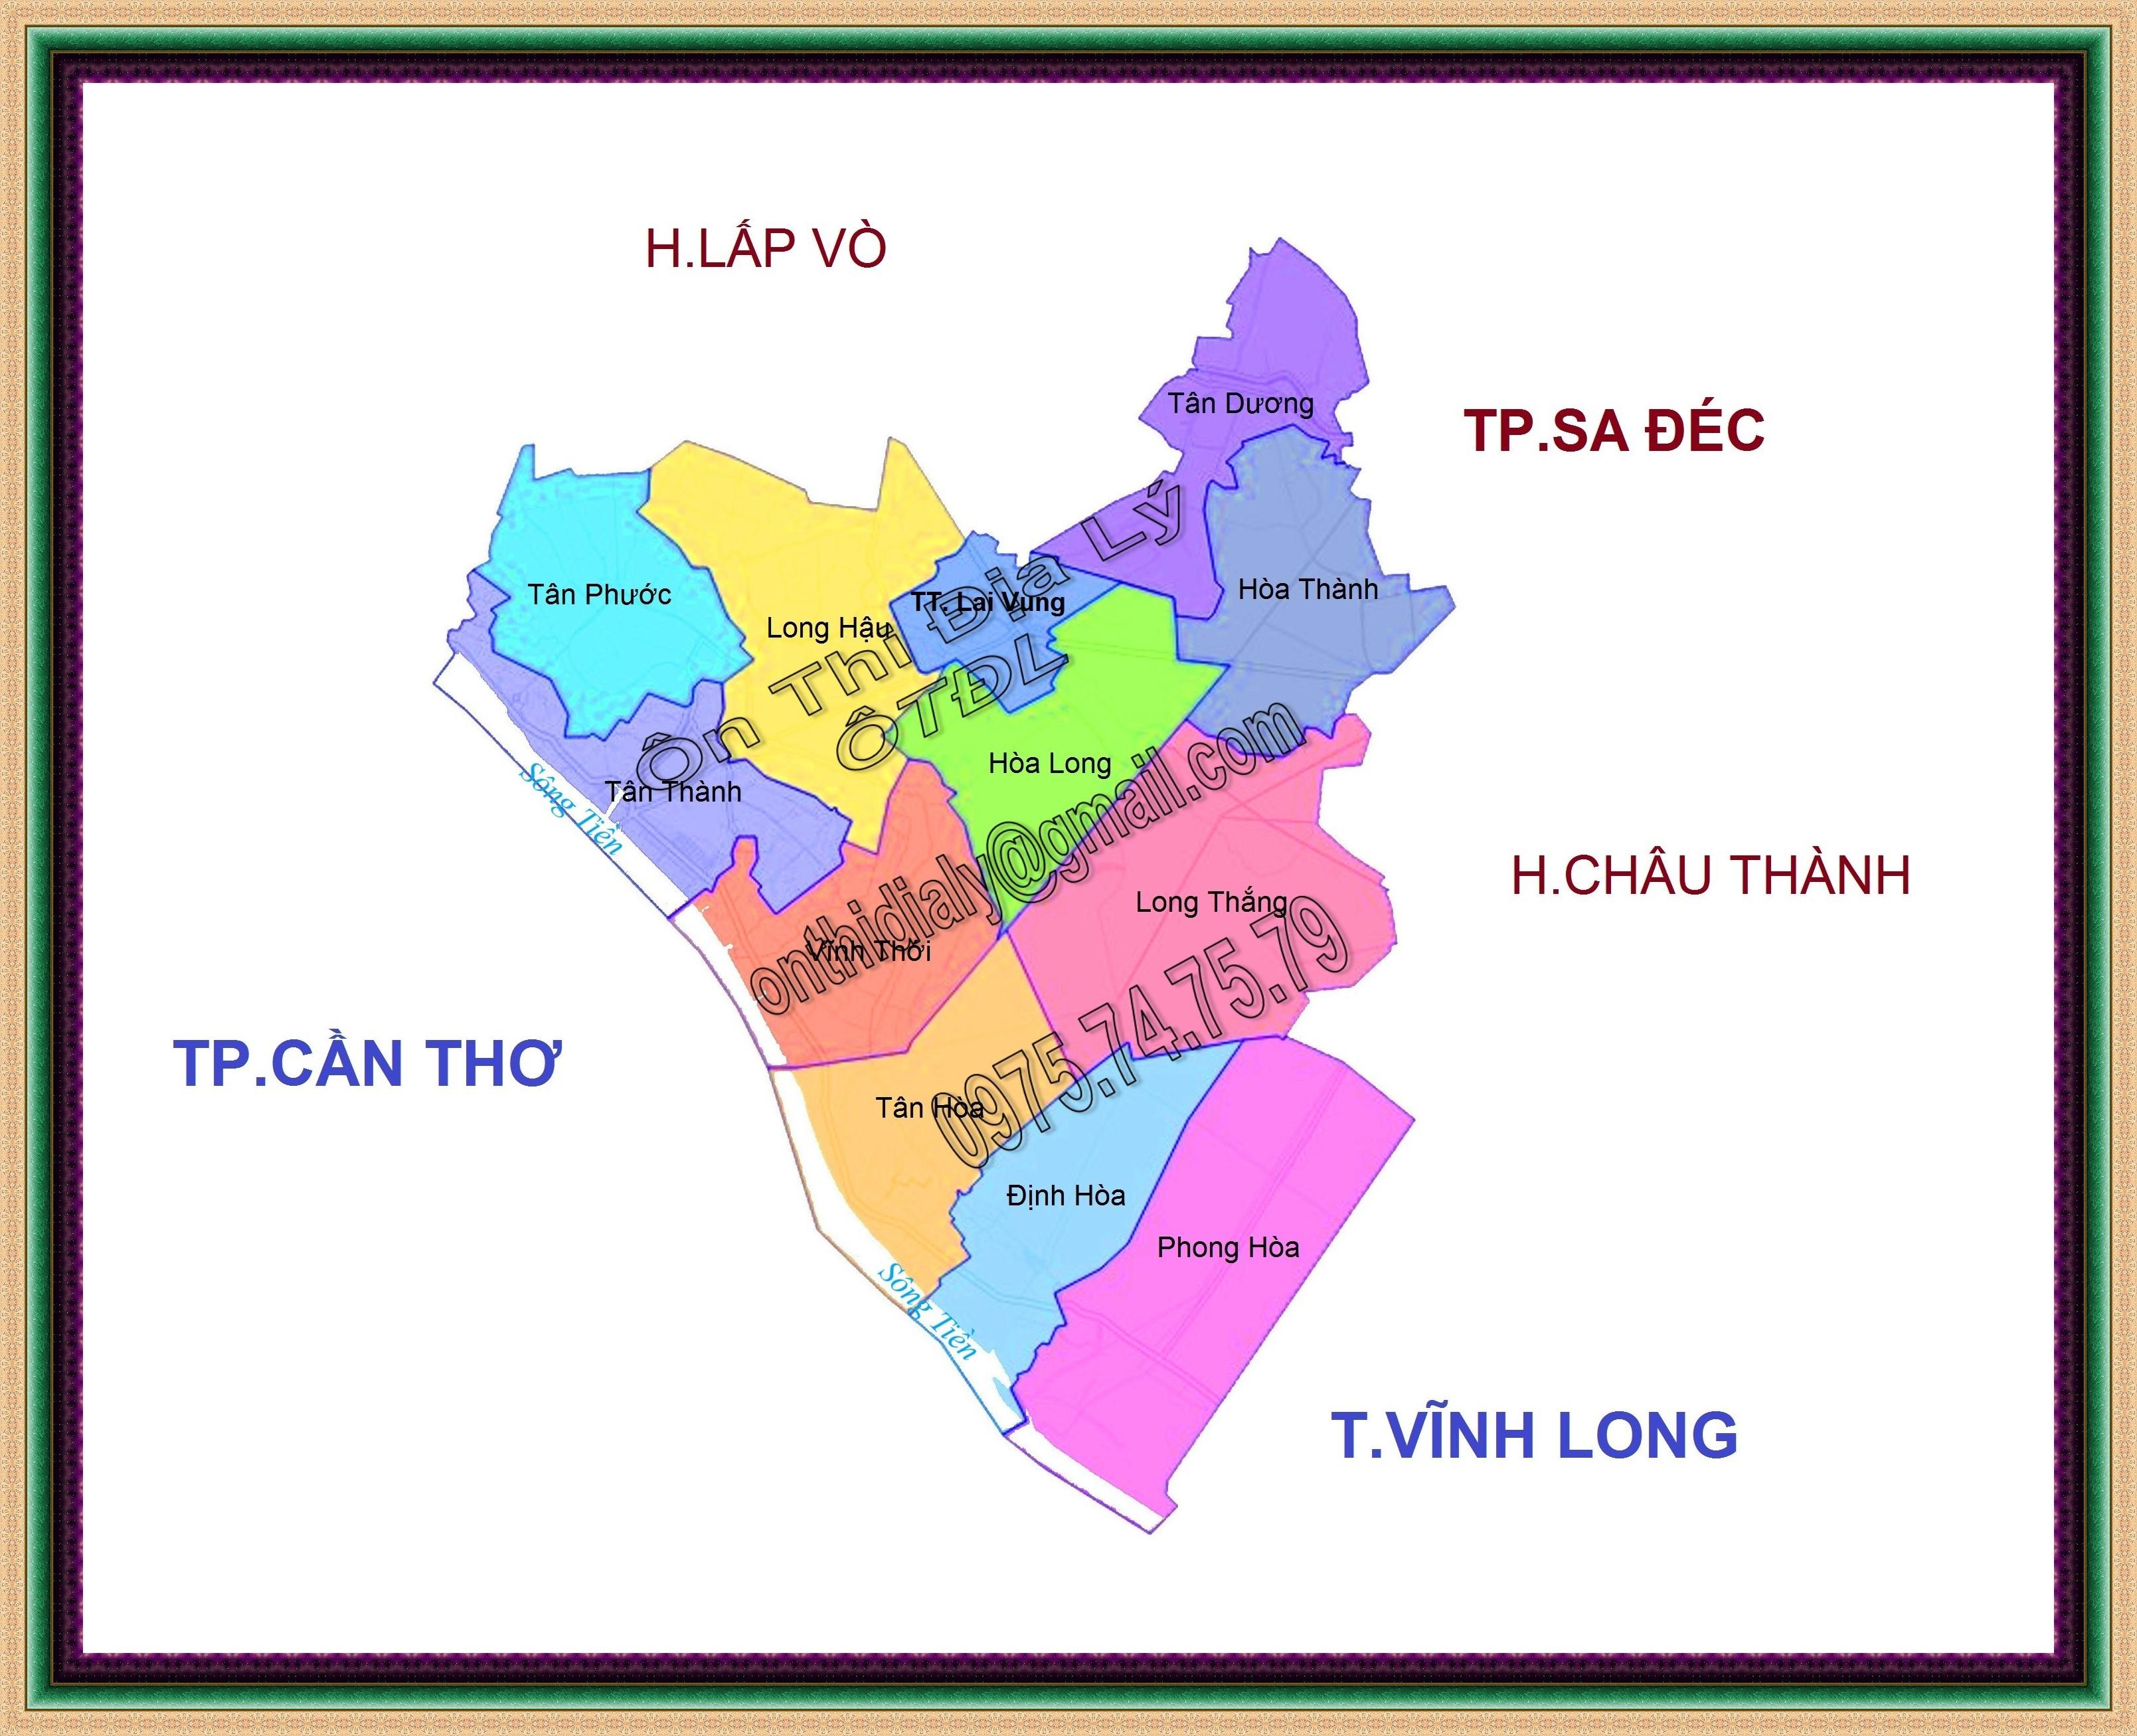 Lai Vung - Dong Thap 5